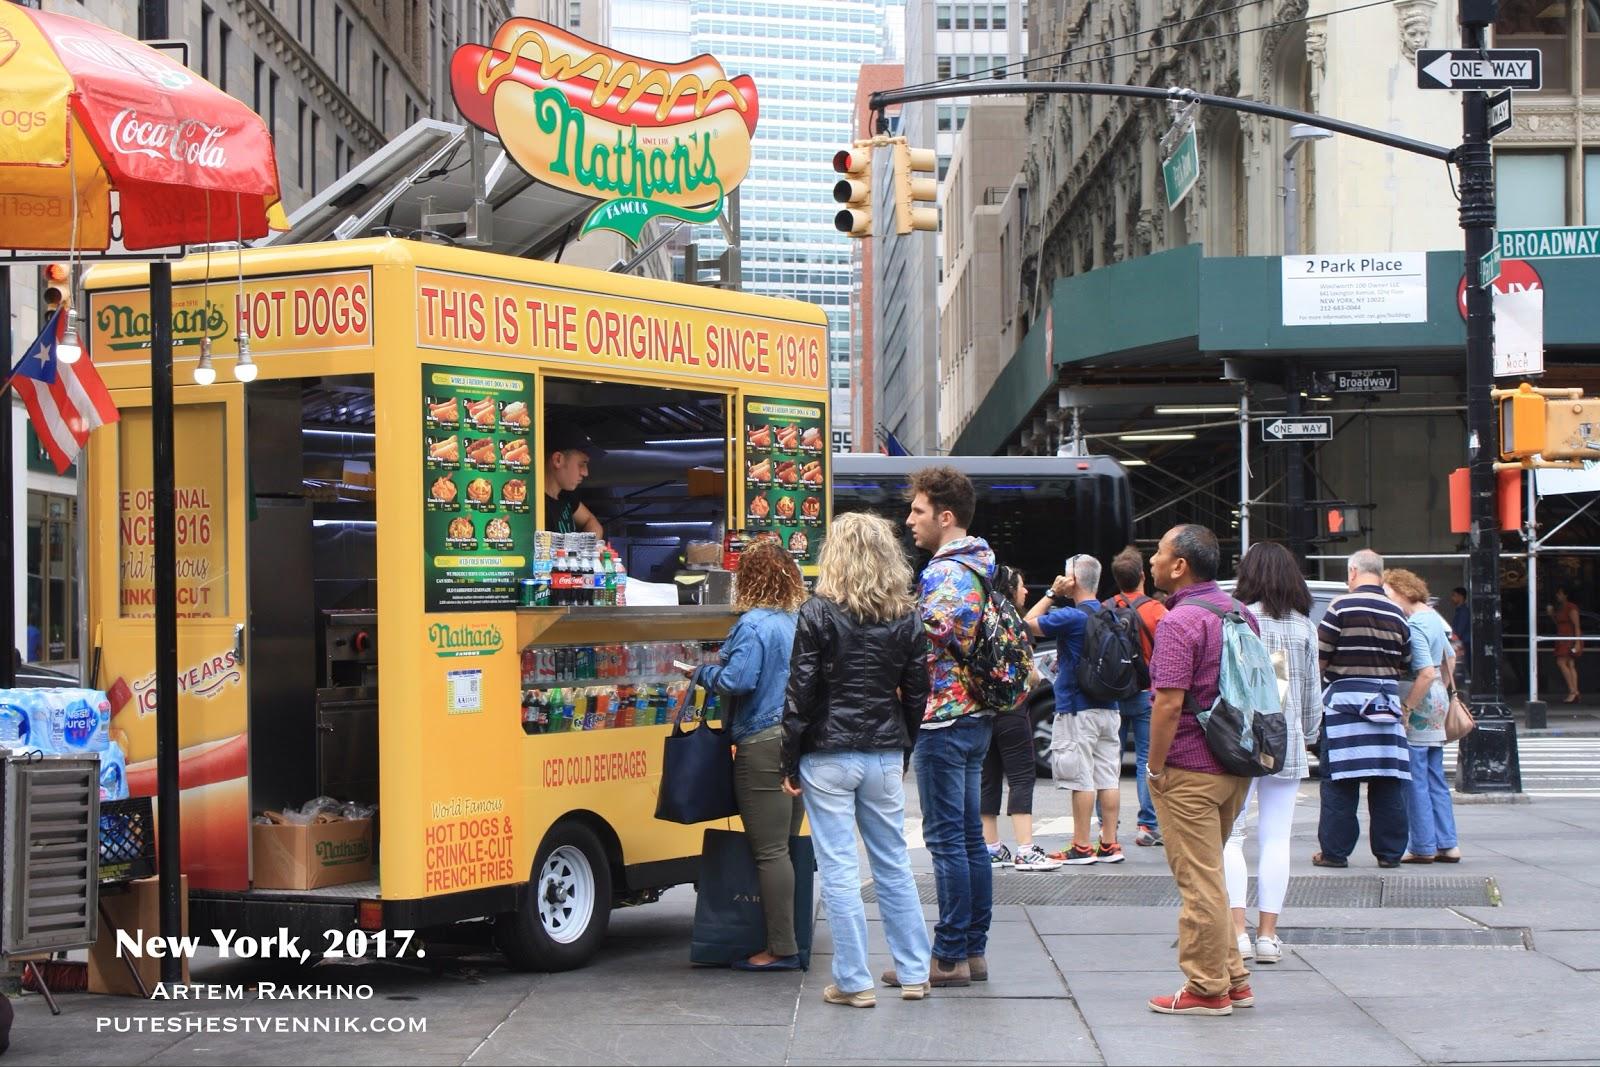 Кафе с хотдогами в Нью-Йорке